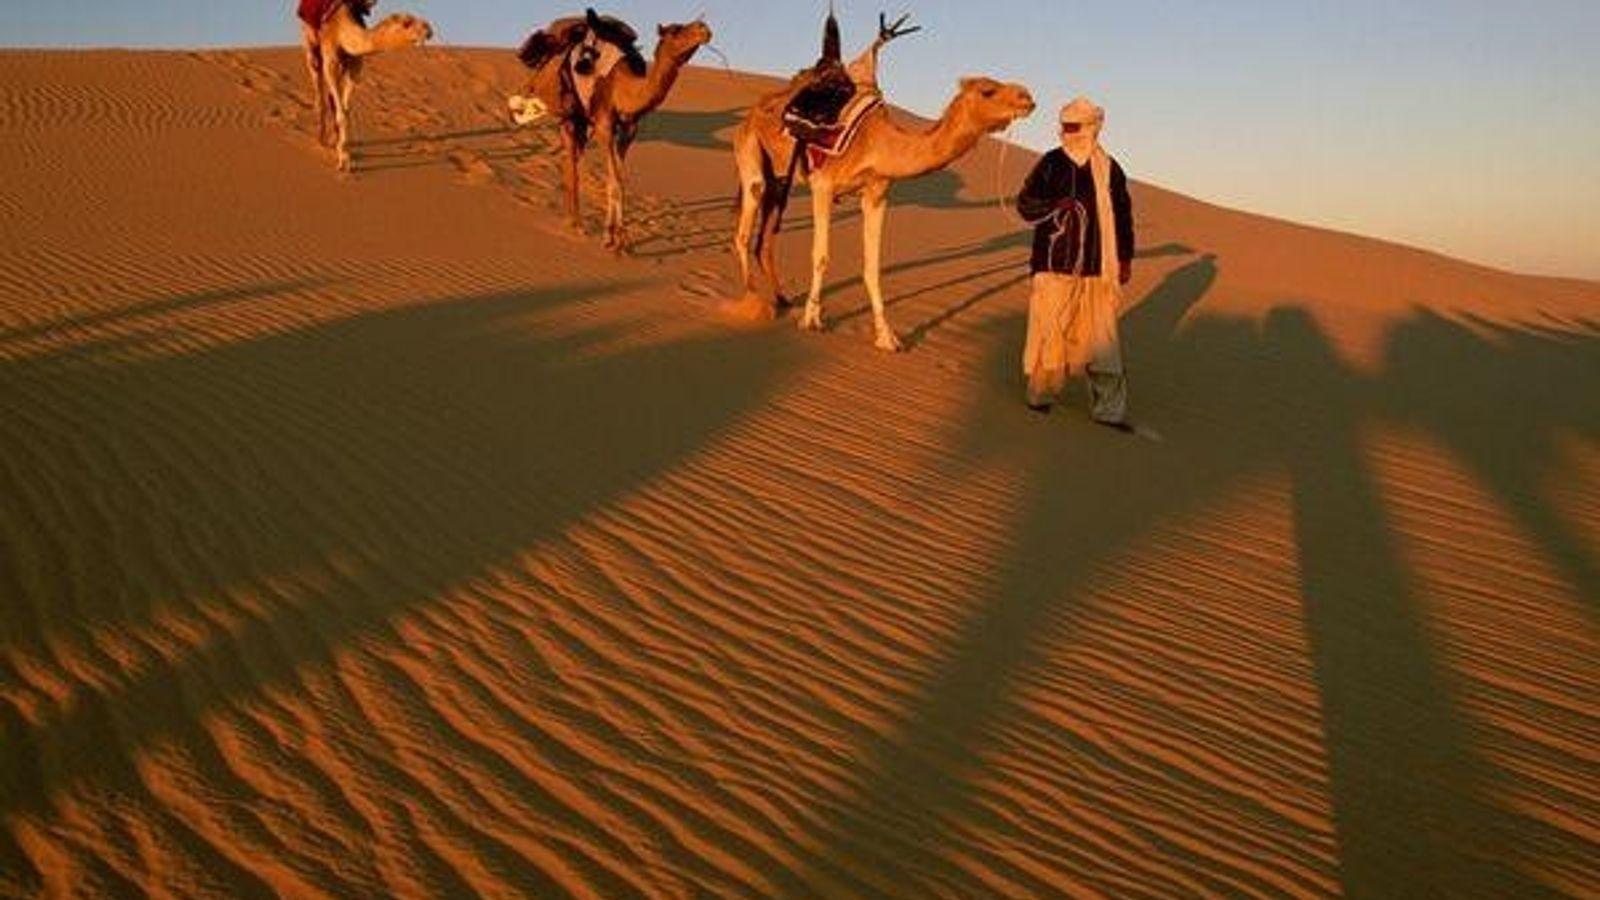 El desierto, Marruecos